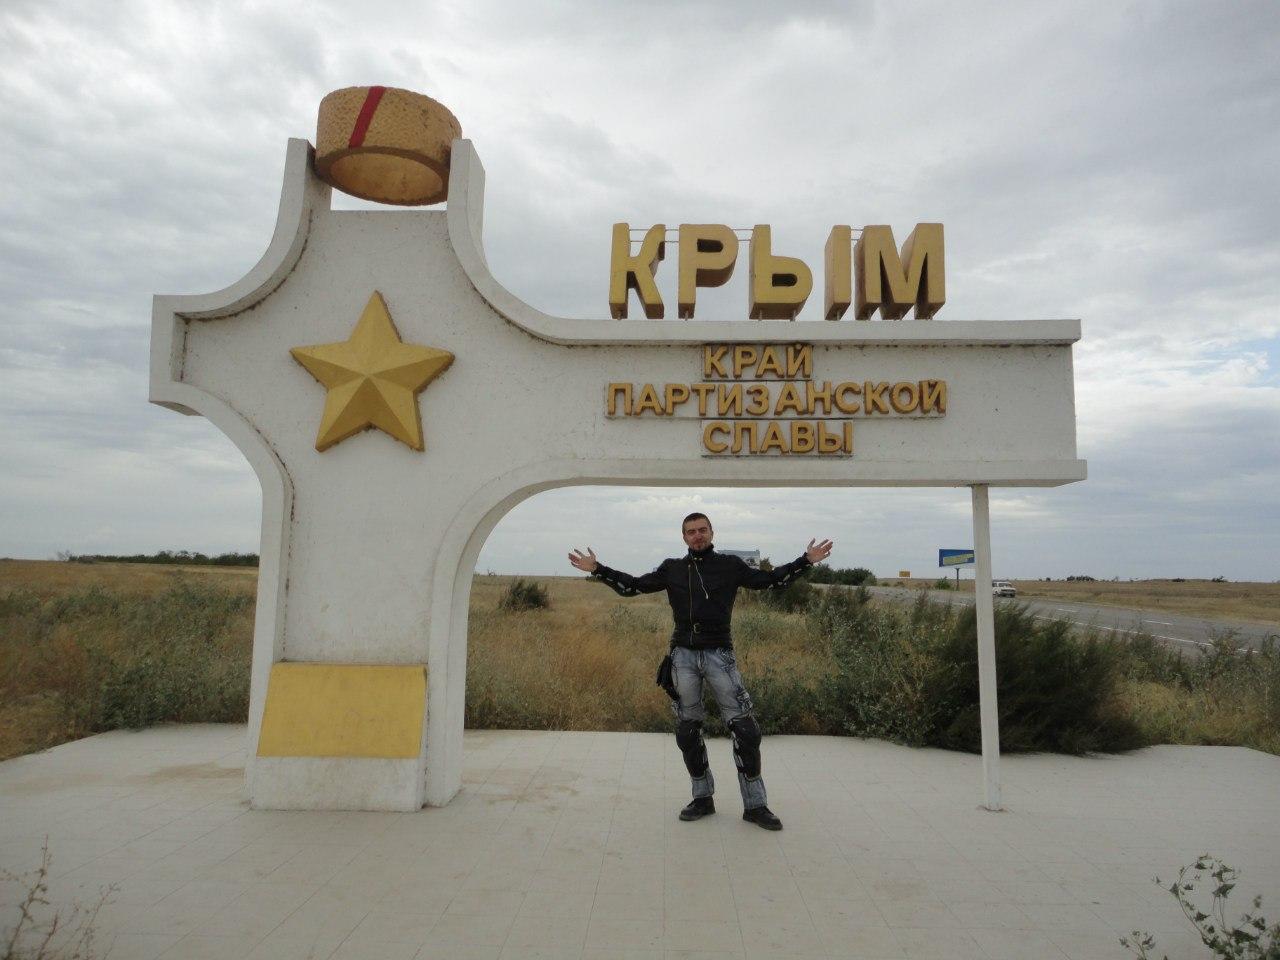 Ищутся попутчики на поезду в Крым! Hkt5gGO3L8I